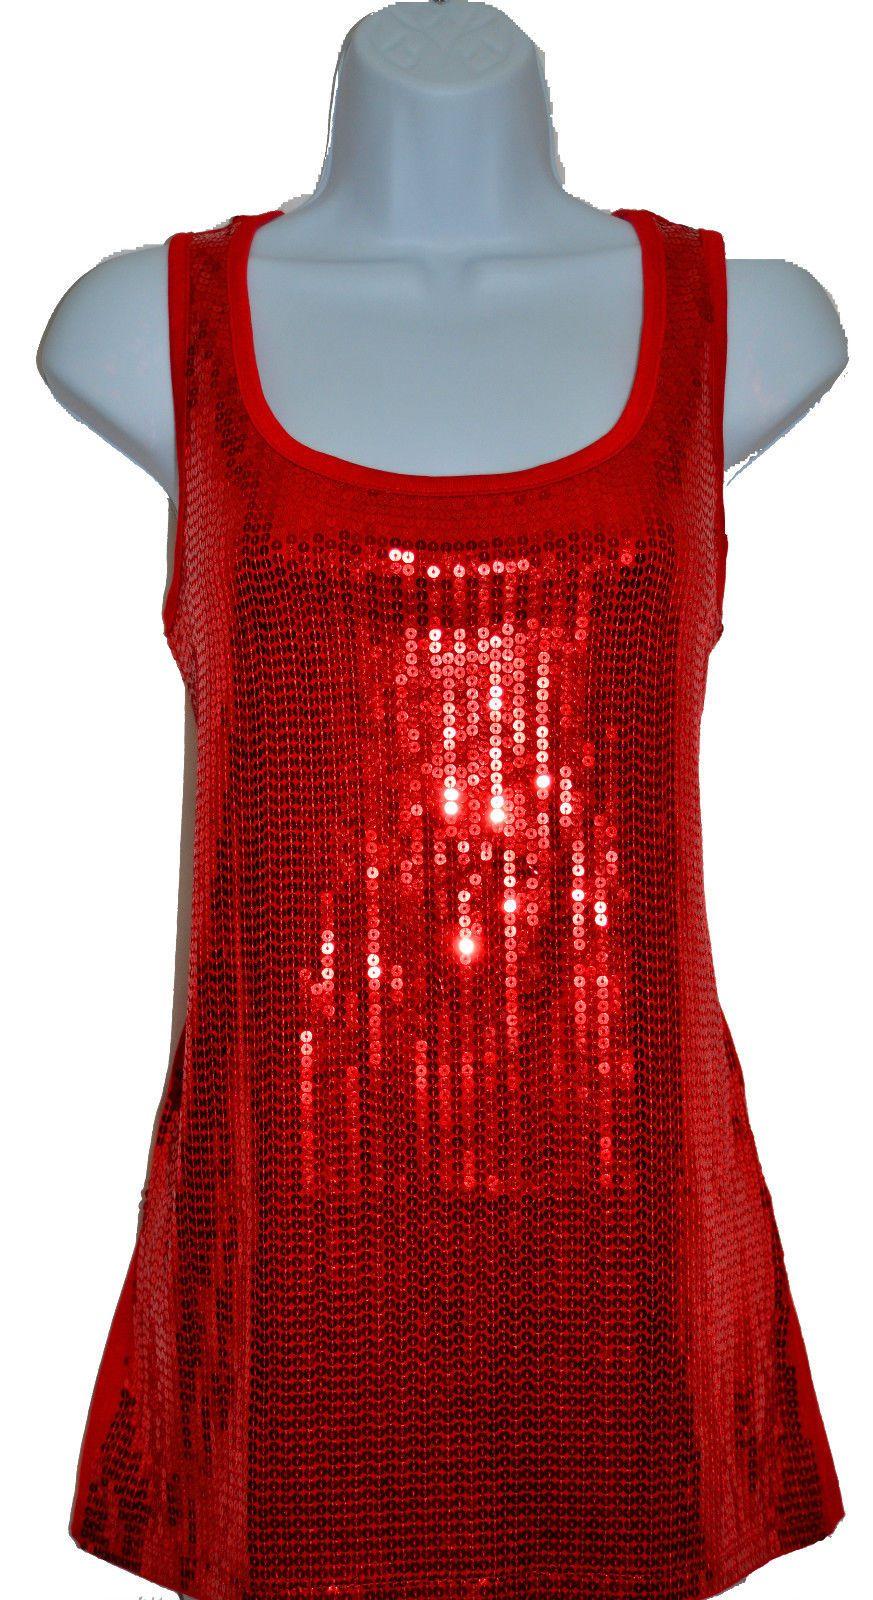 032167707d4772 Sequin Tank Top Vest Sizes 12